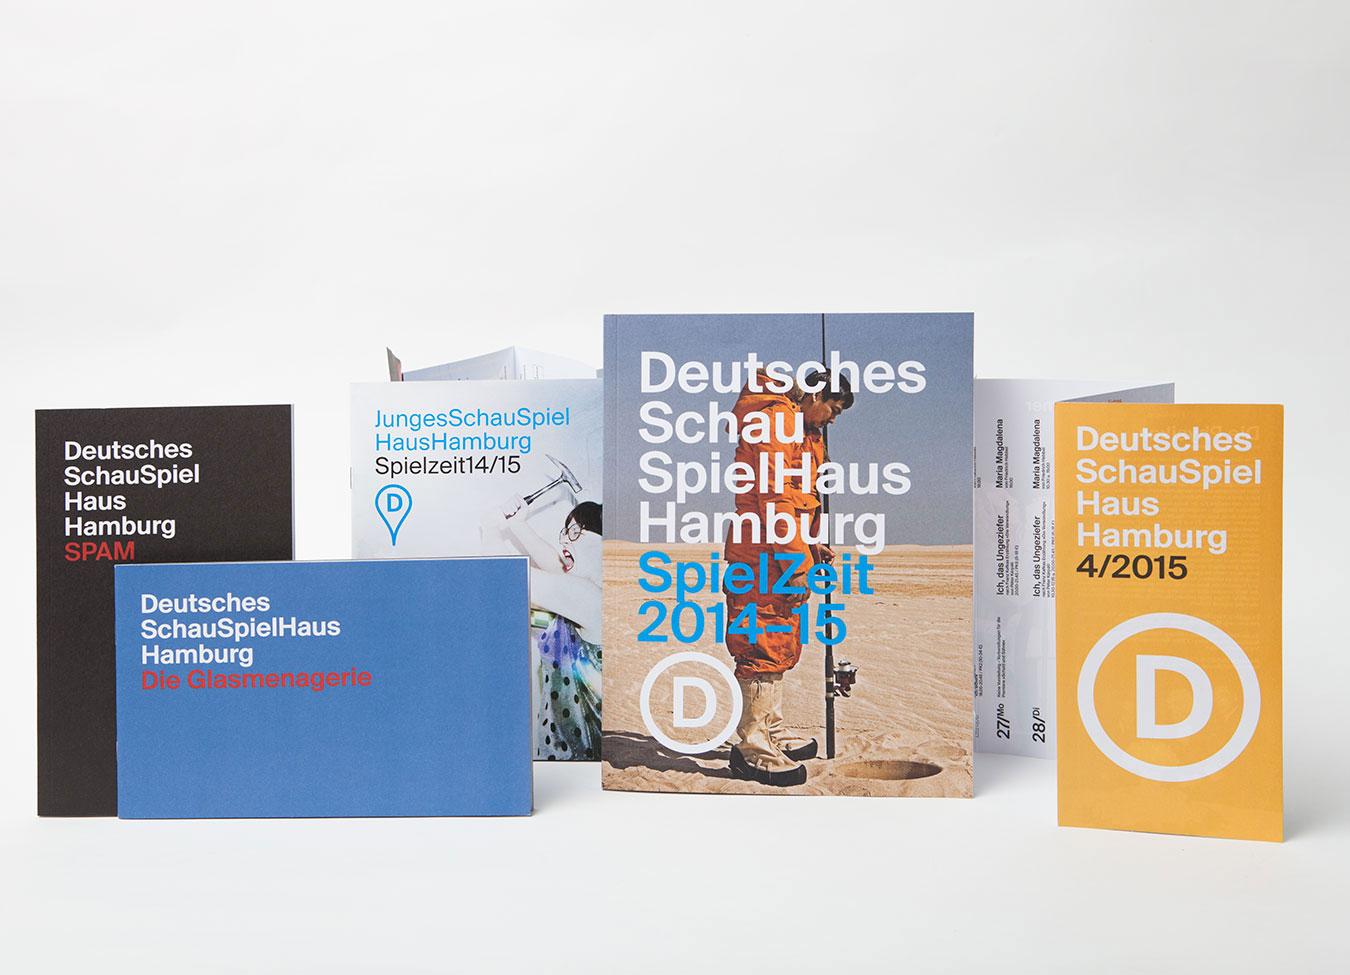 Deutsches Schauspielhaus Hamburg Printprodukte